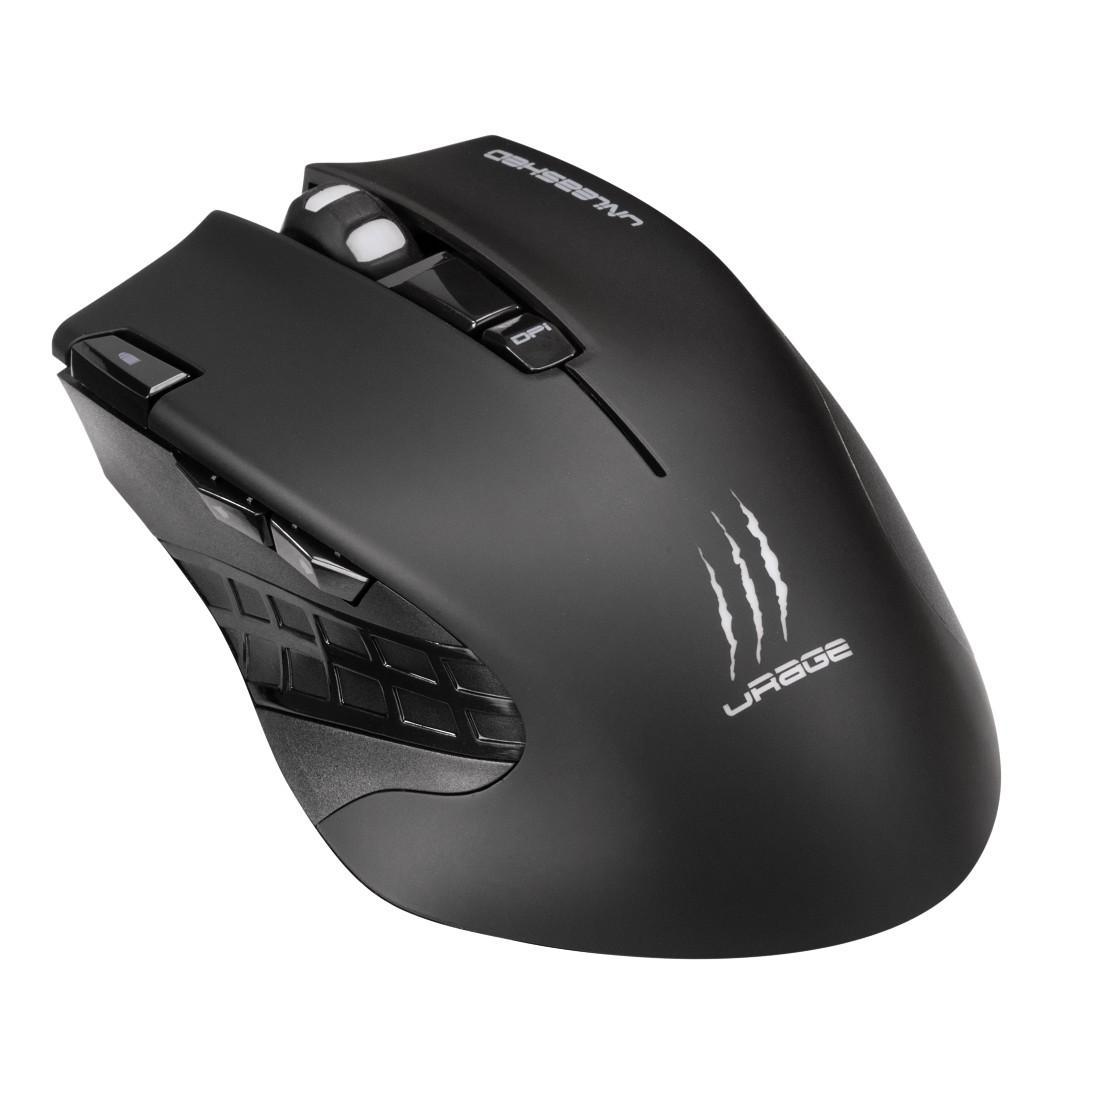 Геймърска мишка Hama, Urage Unleashed, Оптична, Безжична, USB